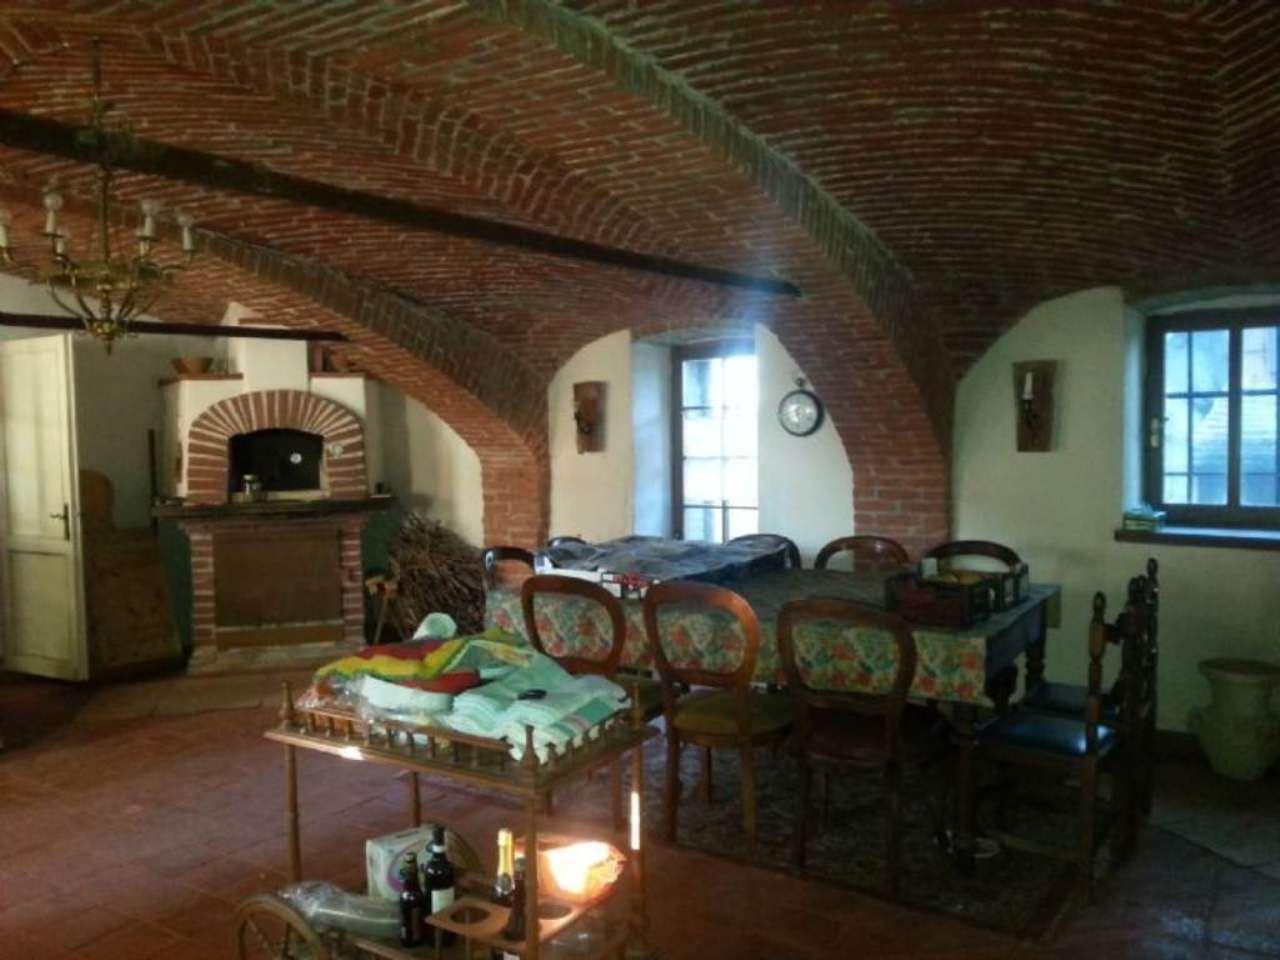 Rustico / Casale in vendita a Cuneo, 5 locali, prezzo € 145.000 | Cambio Casa.it